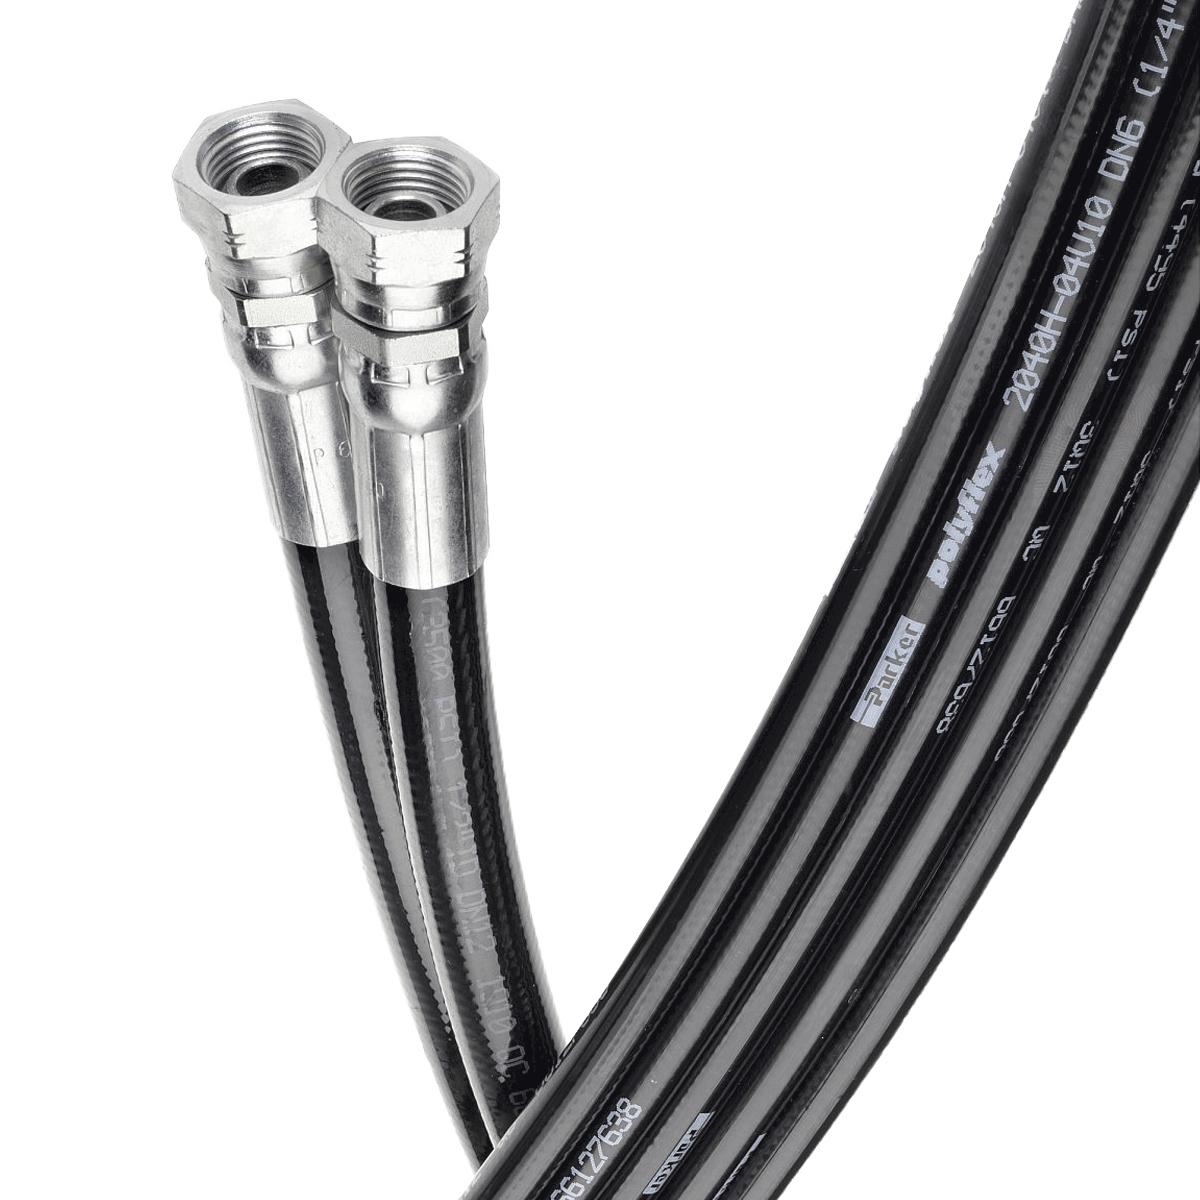 Polyflex / Synflex hoses